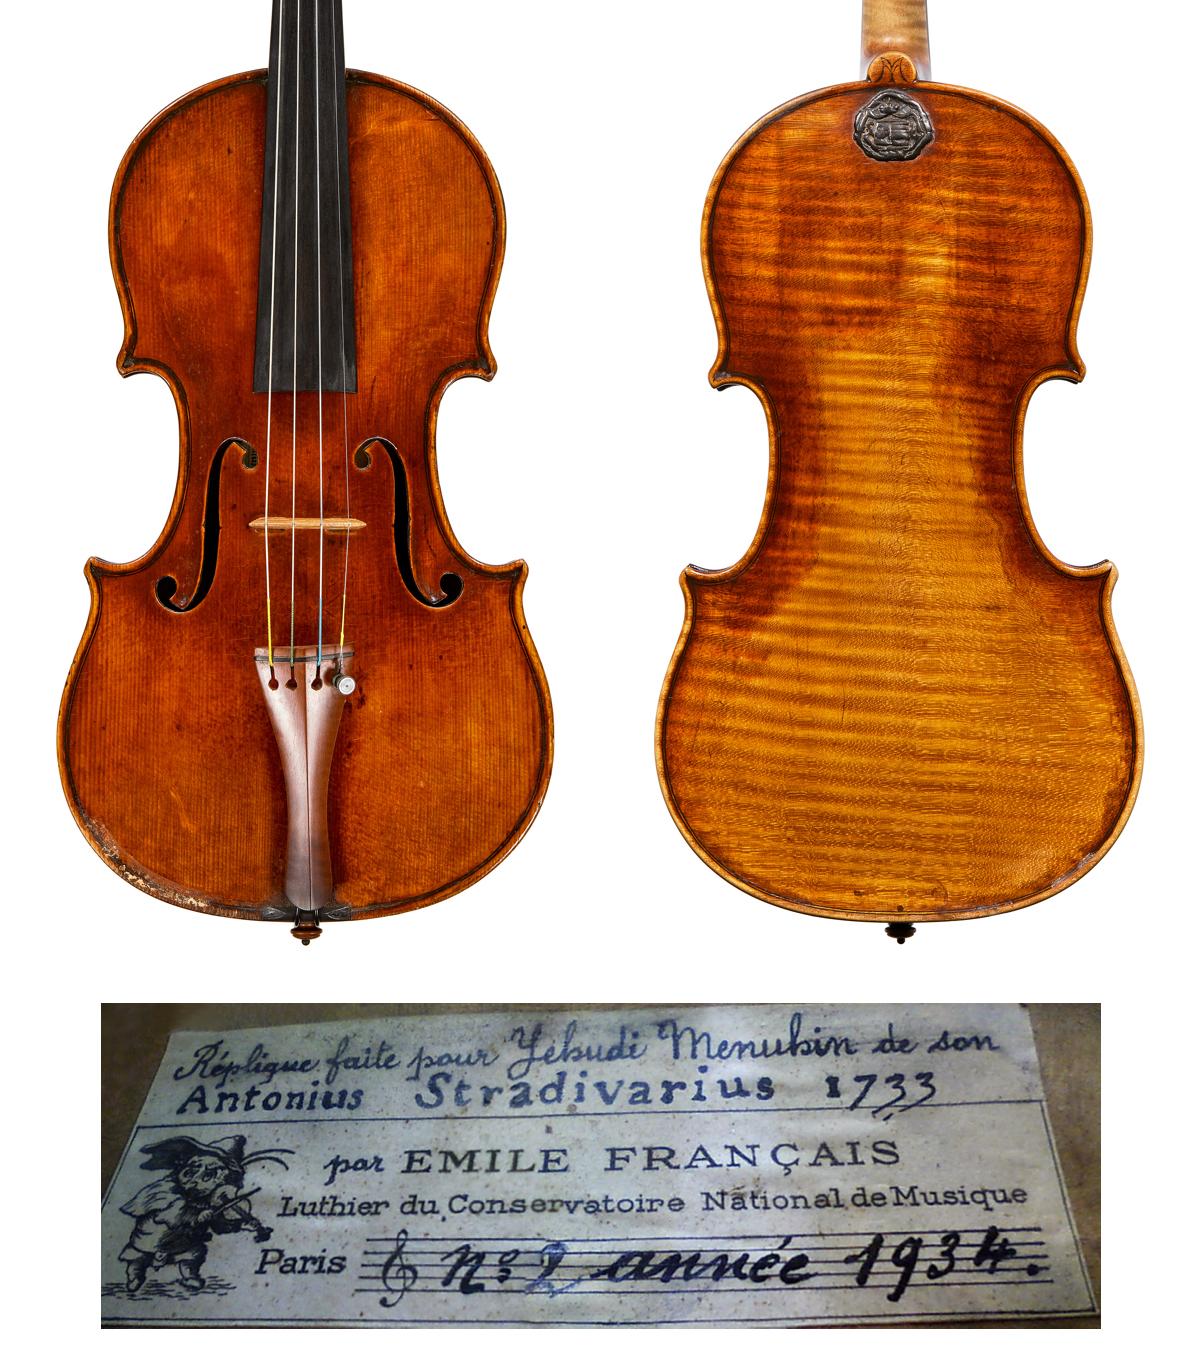 Emile Français copy of Menuhin Strad